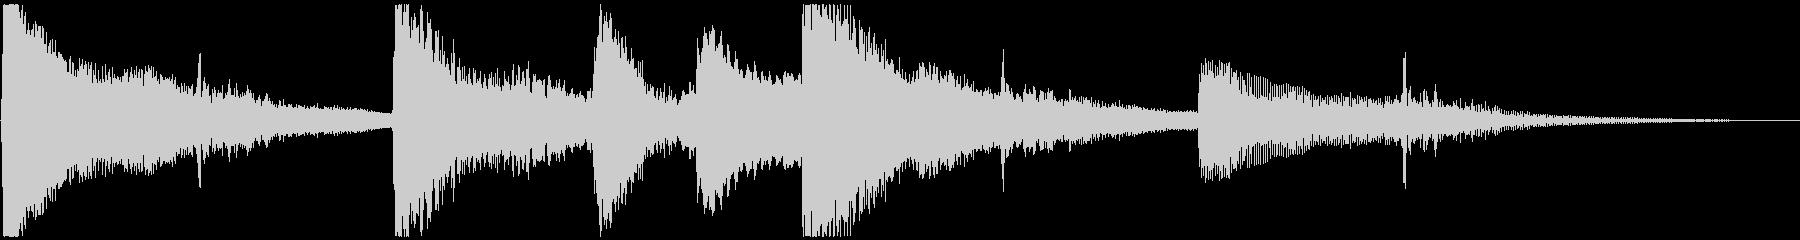 ゆったり ピアノ&サウンドエフェクトの未再生の波形